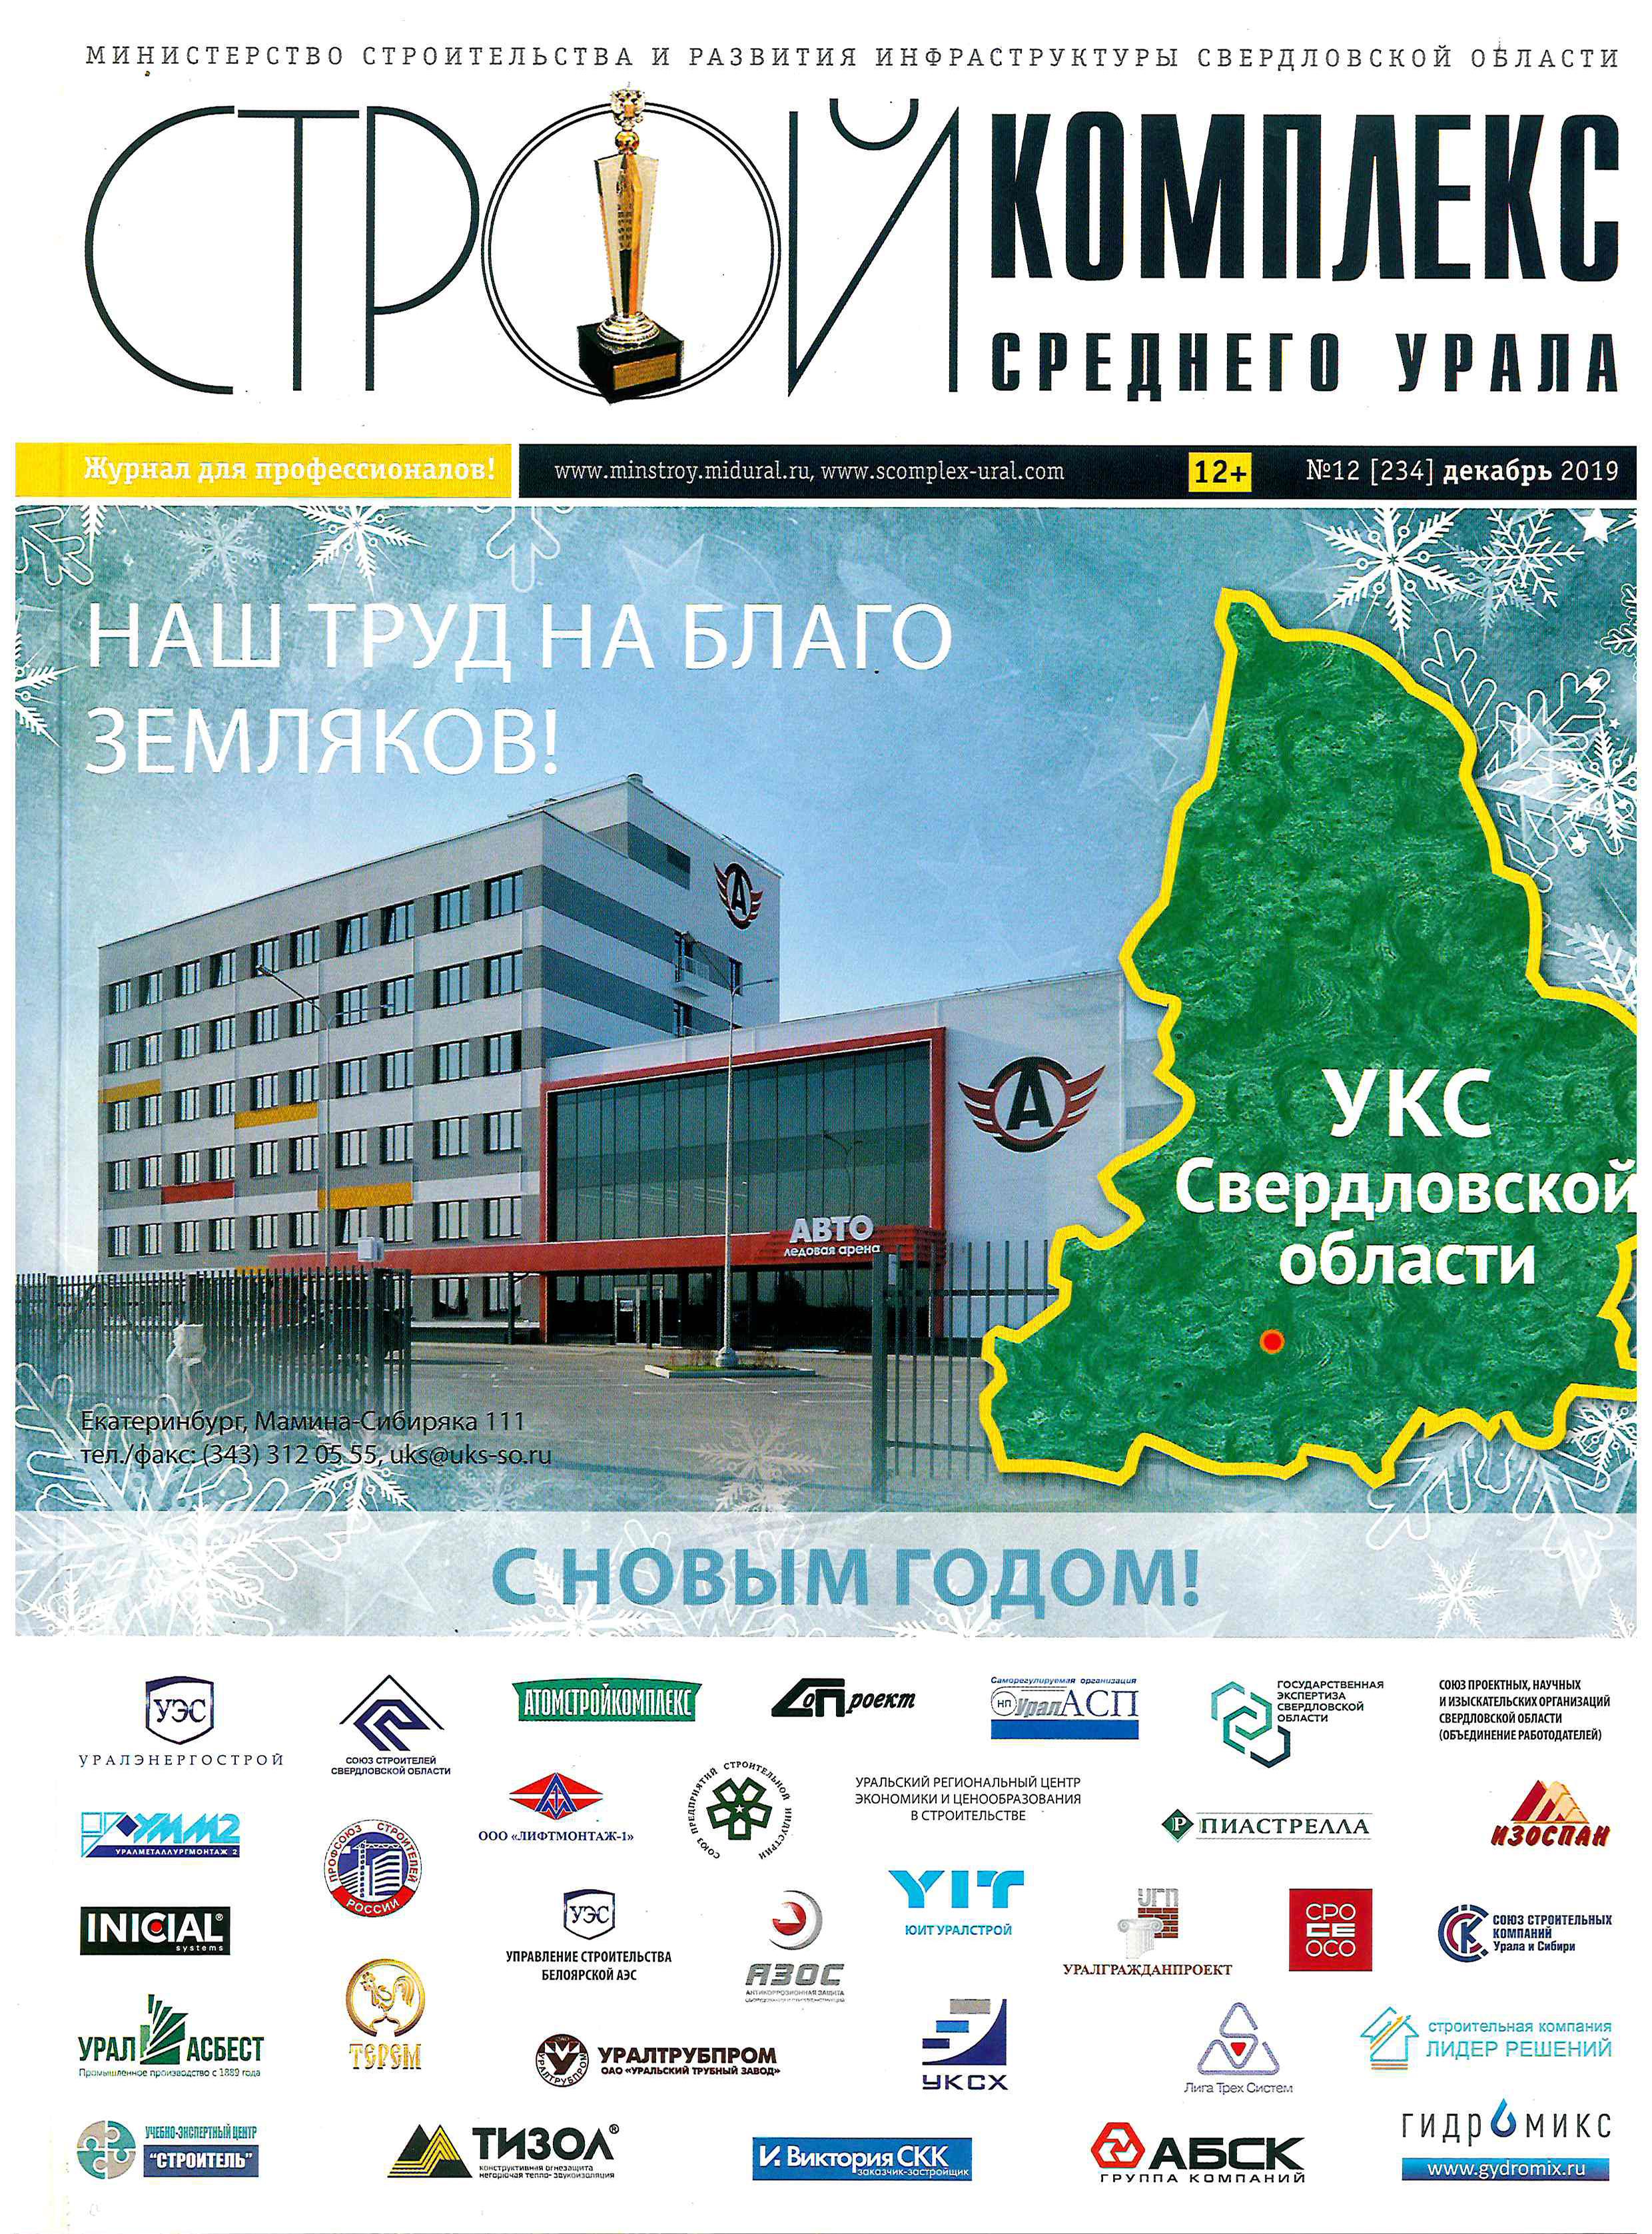 stroikompleks-cover-2019-2020